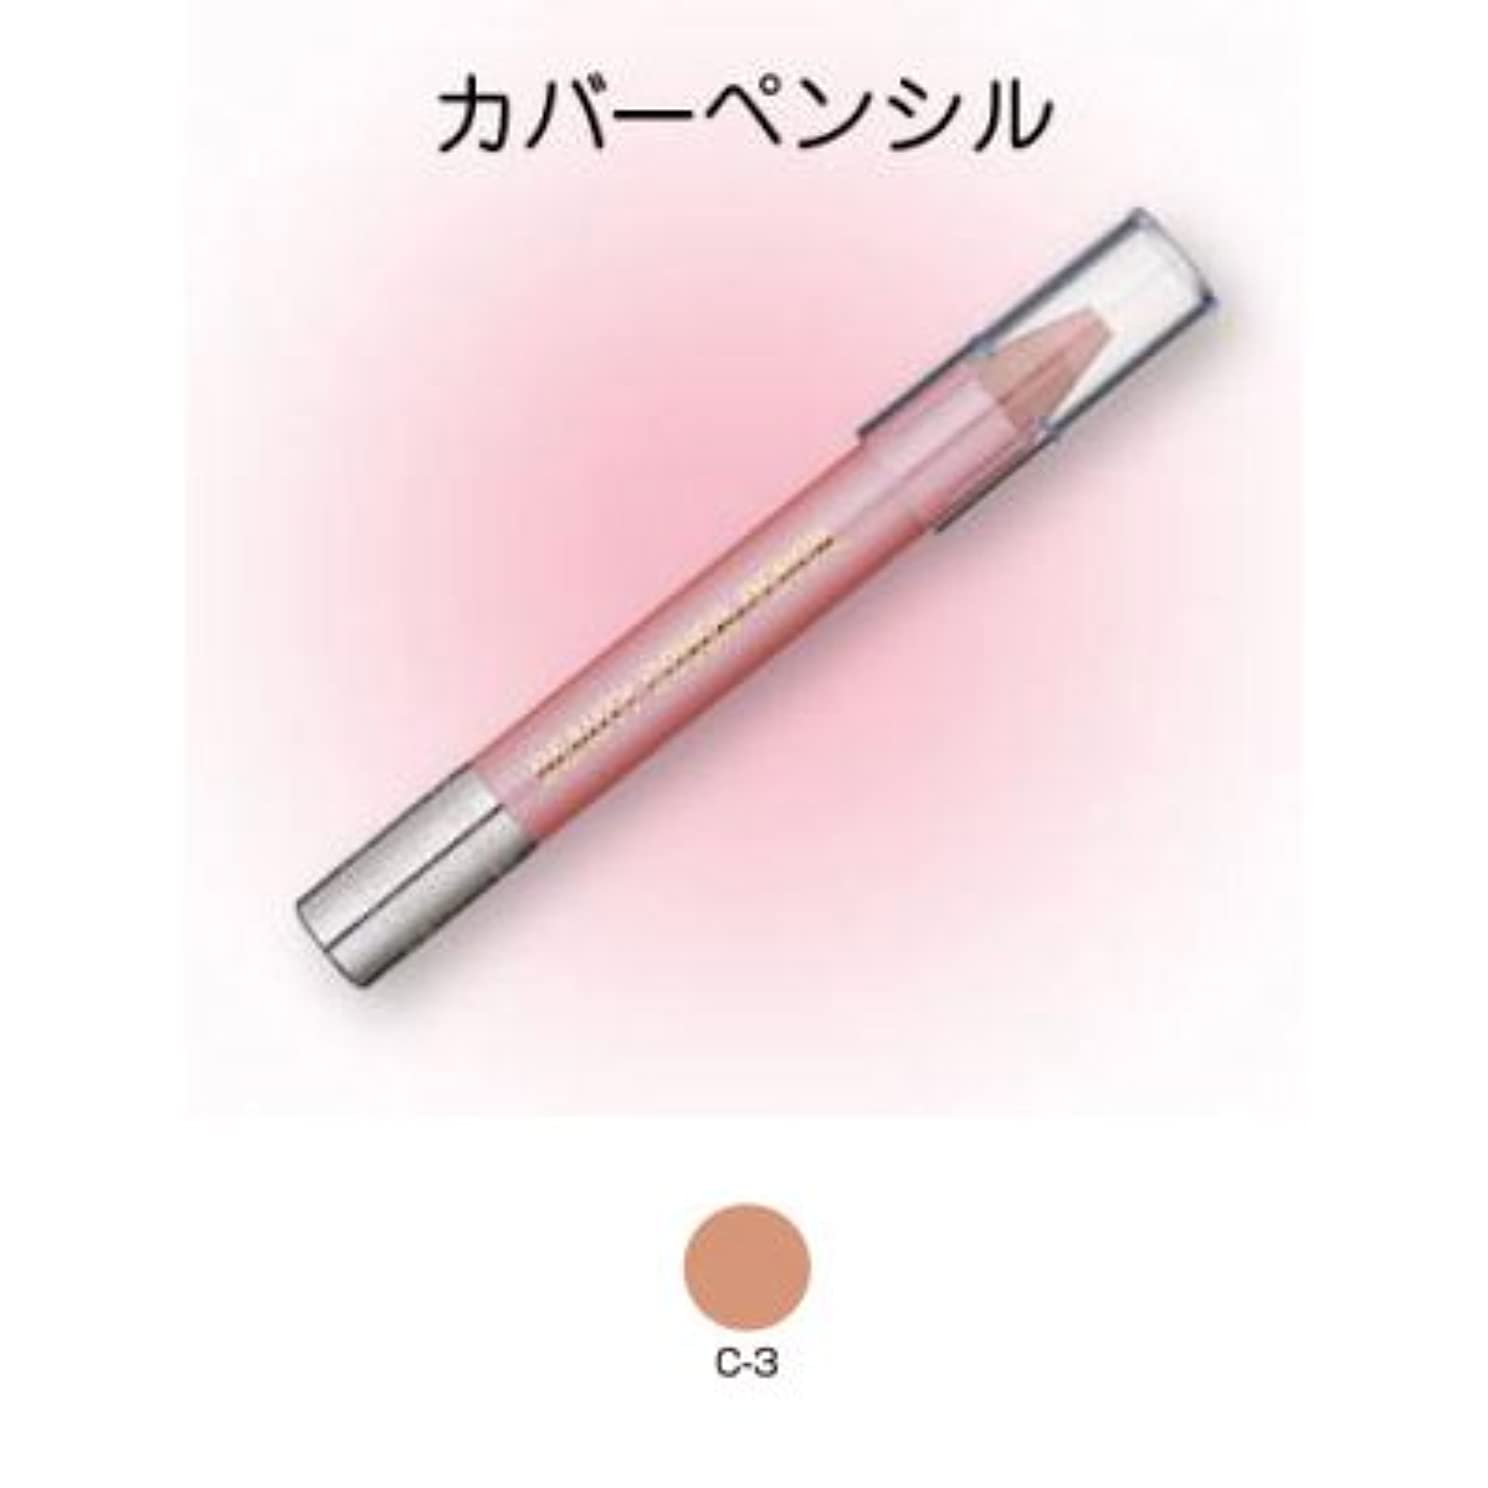 光引き出しナラーバービューティーカバーペンシル C-3【三善】